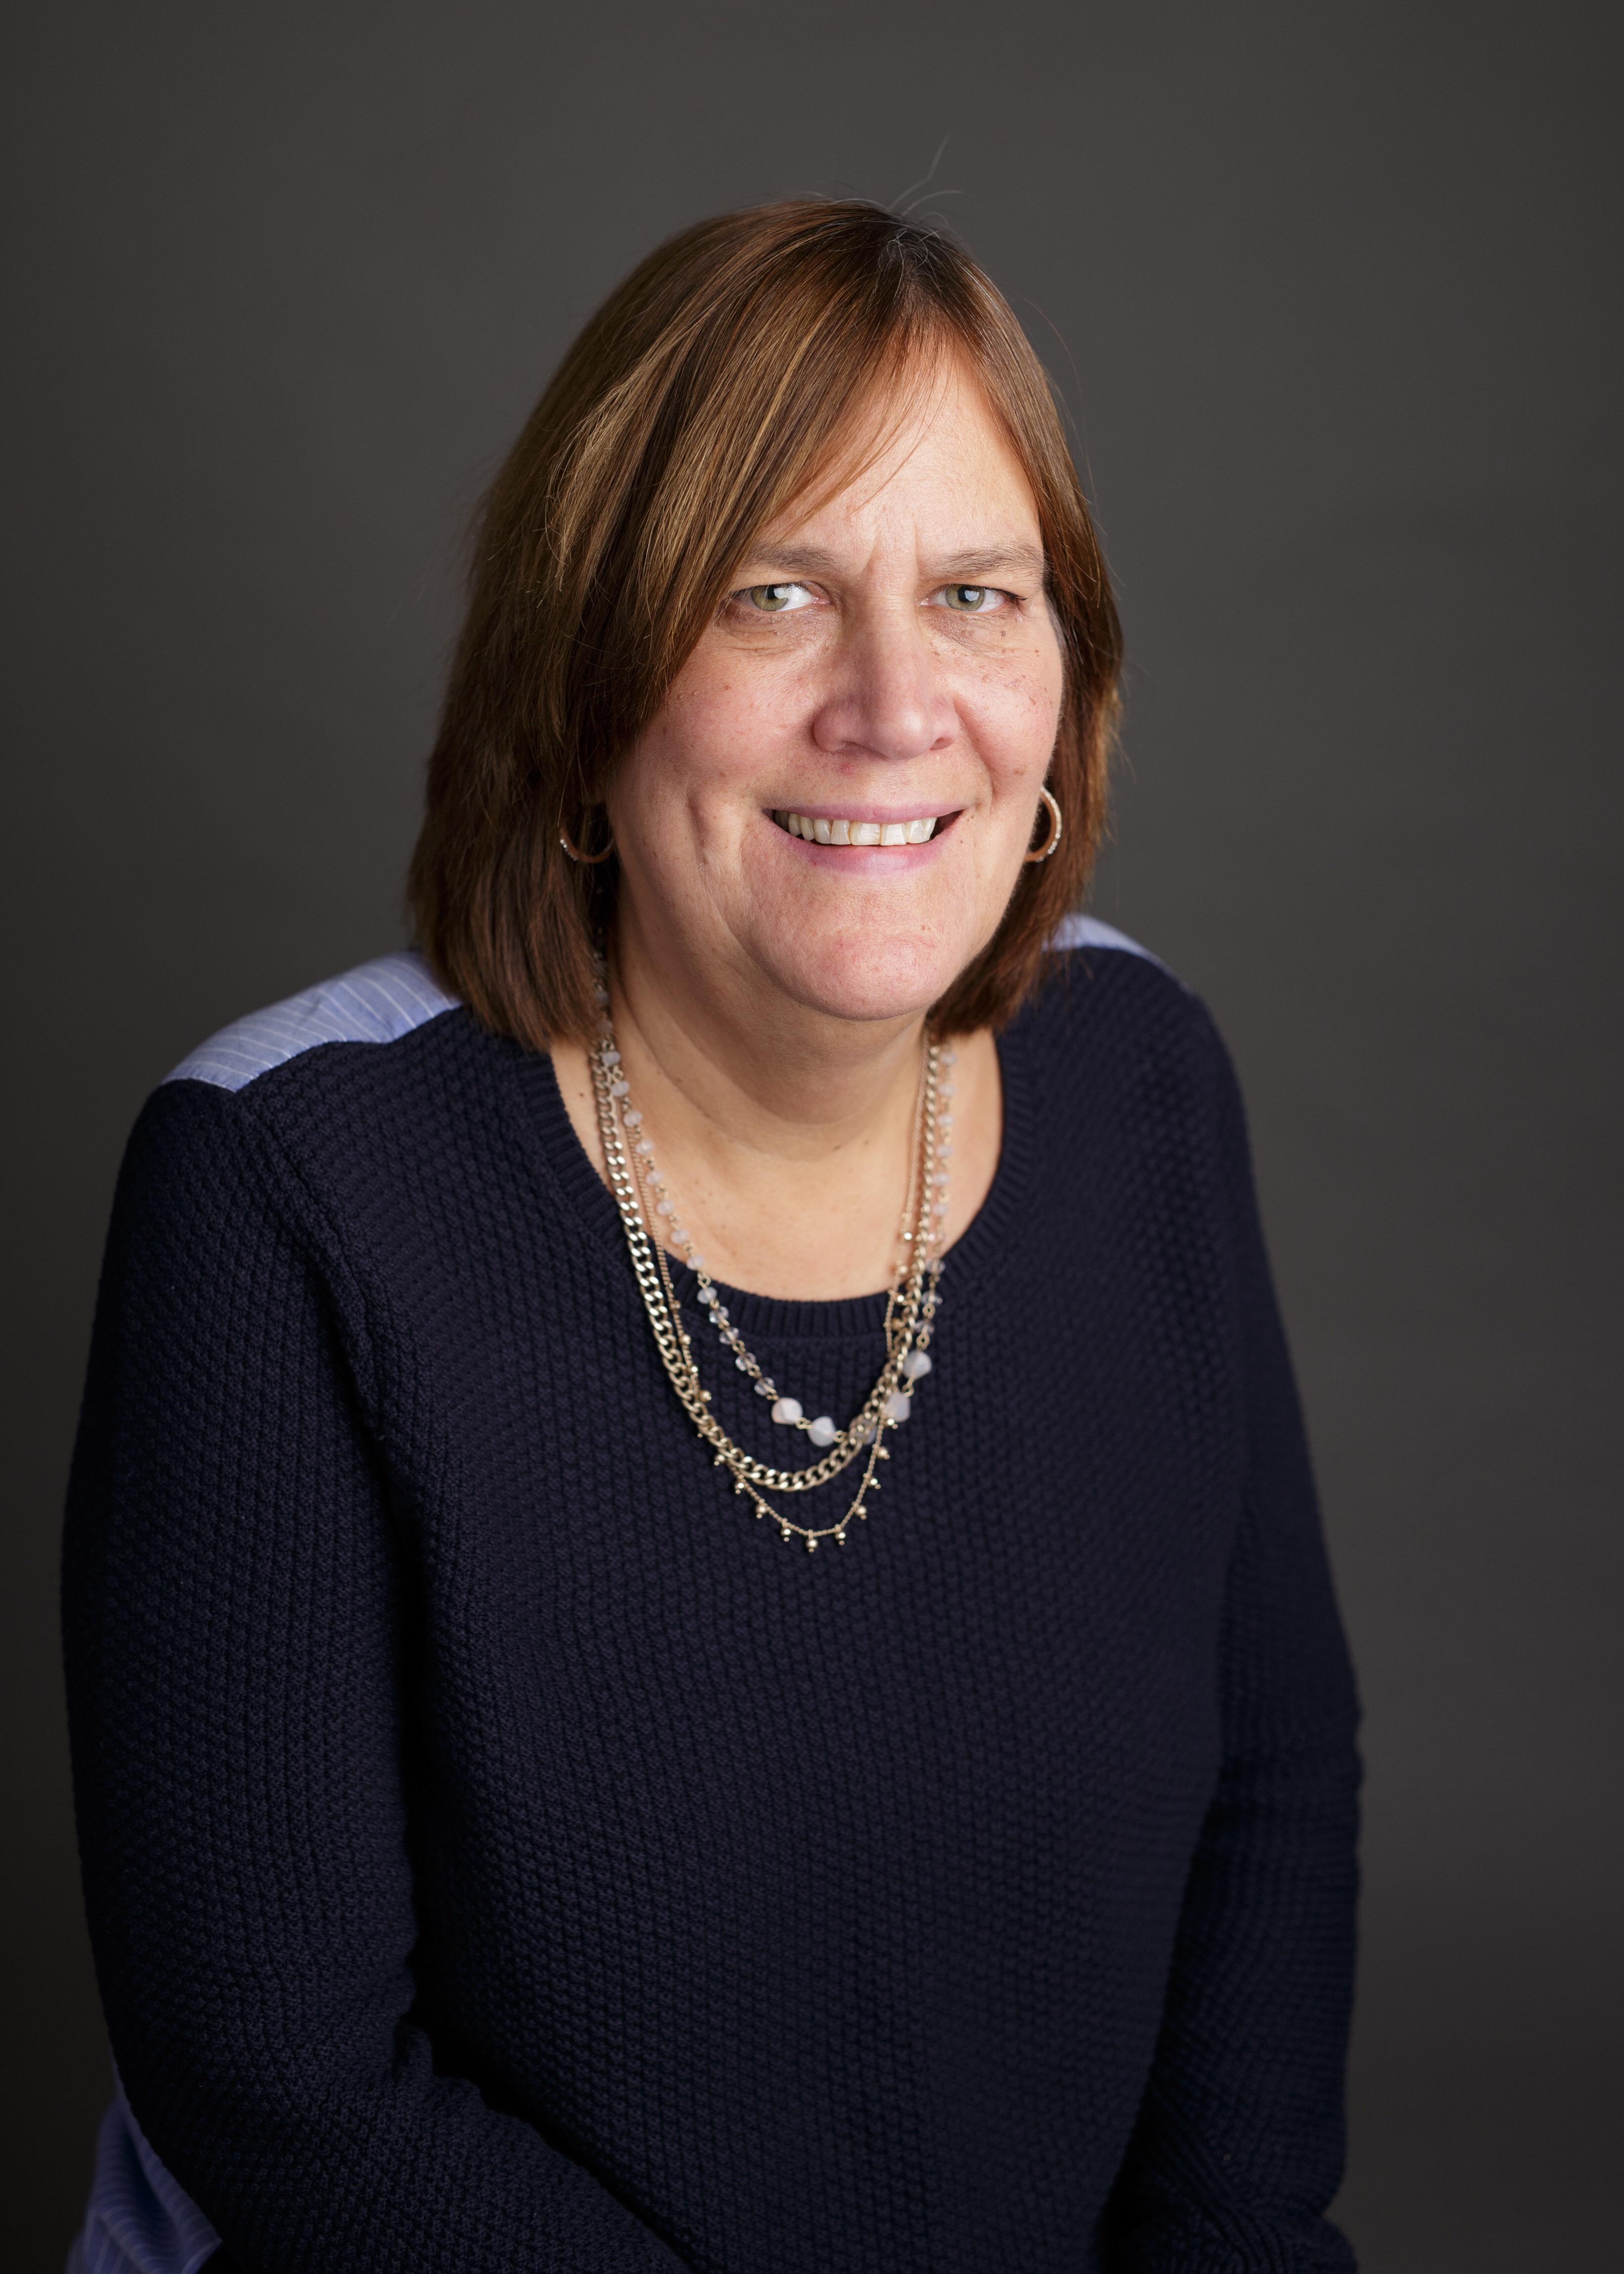 Margie Guidarelli